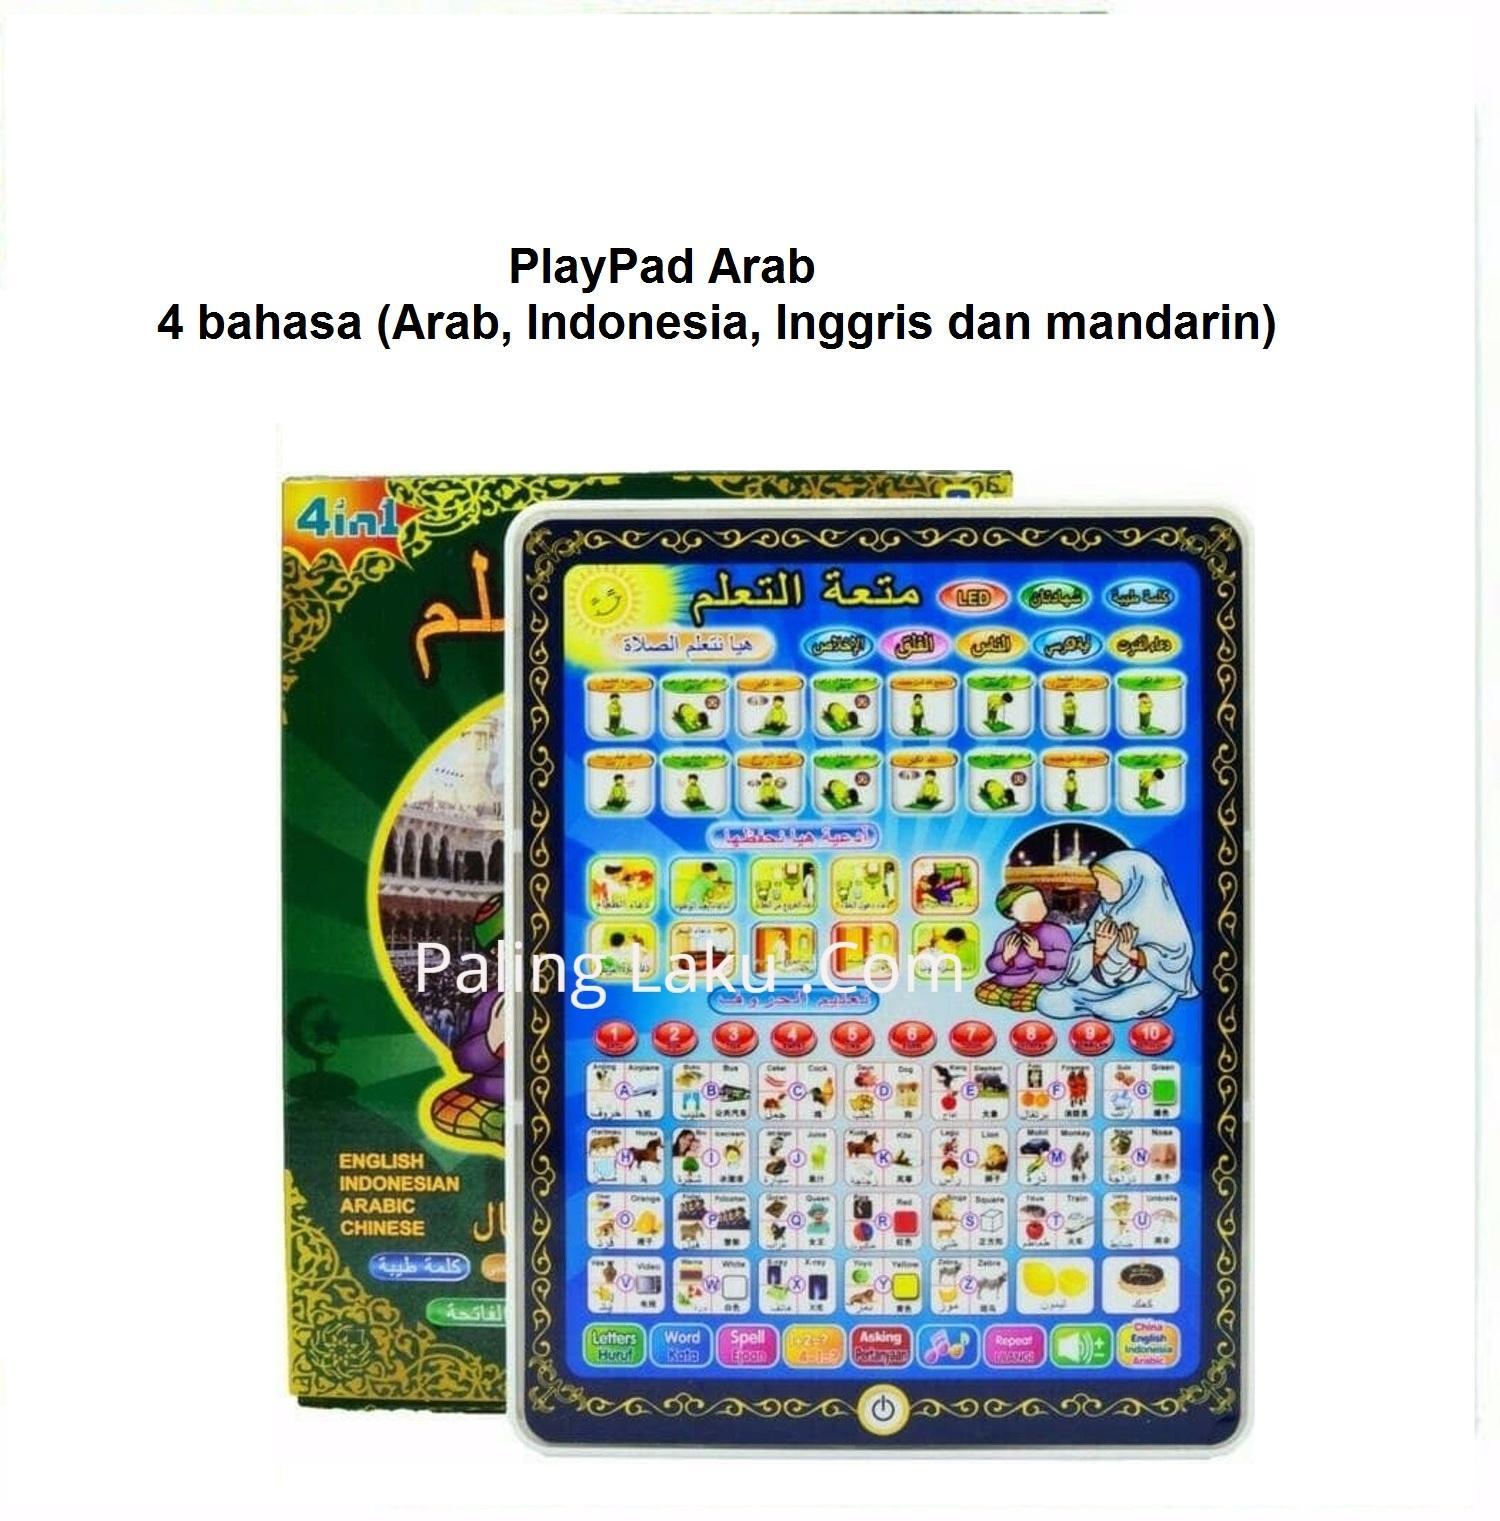 Paling Laku Ipad Bahasa Arab/ Playpad Arab Muslim 4 Bahasa (ukuran besar) / mainan edukasi / mainan